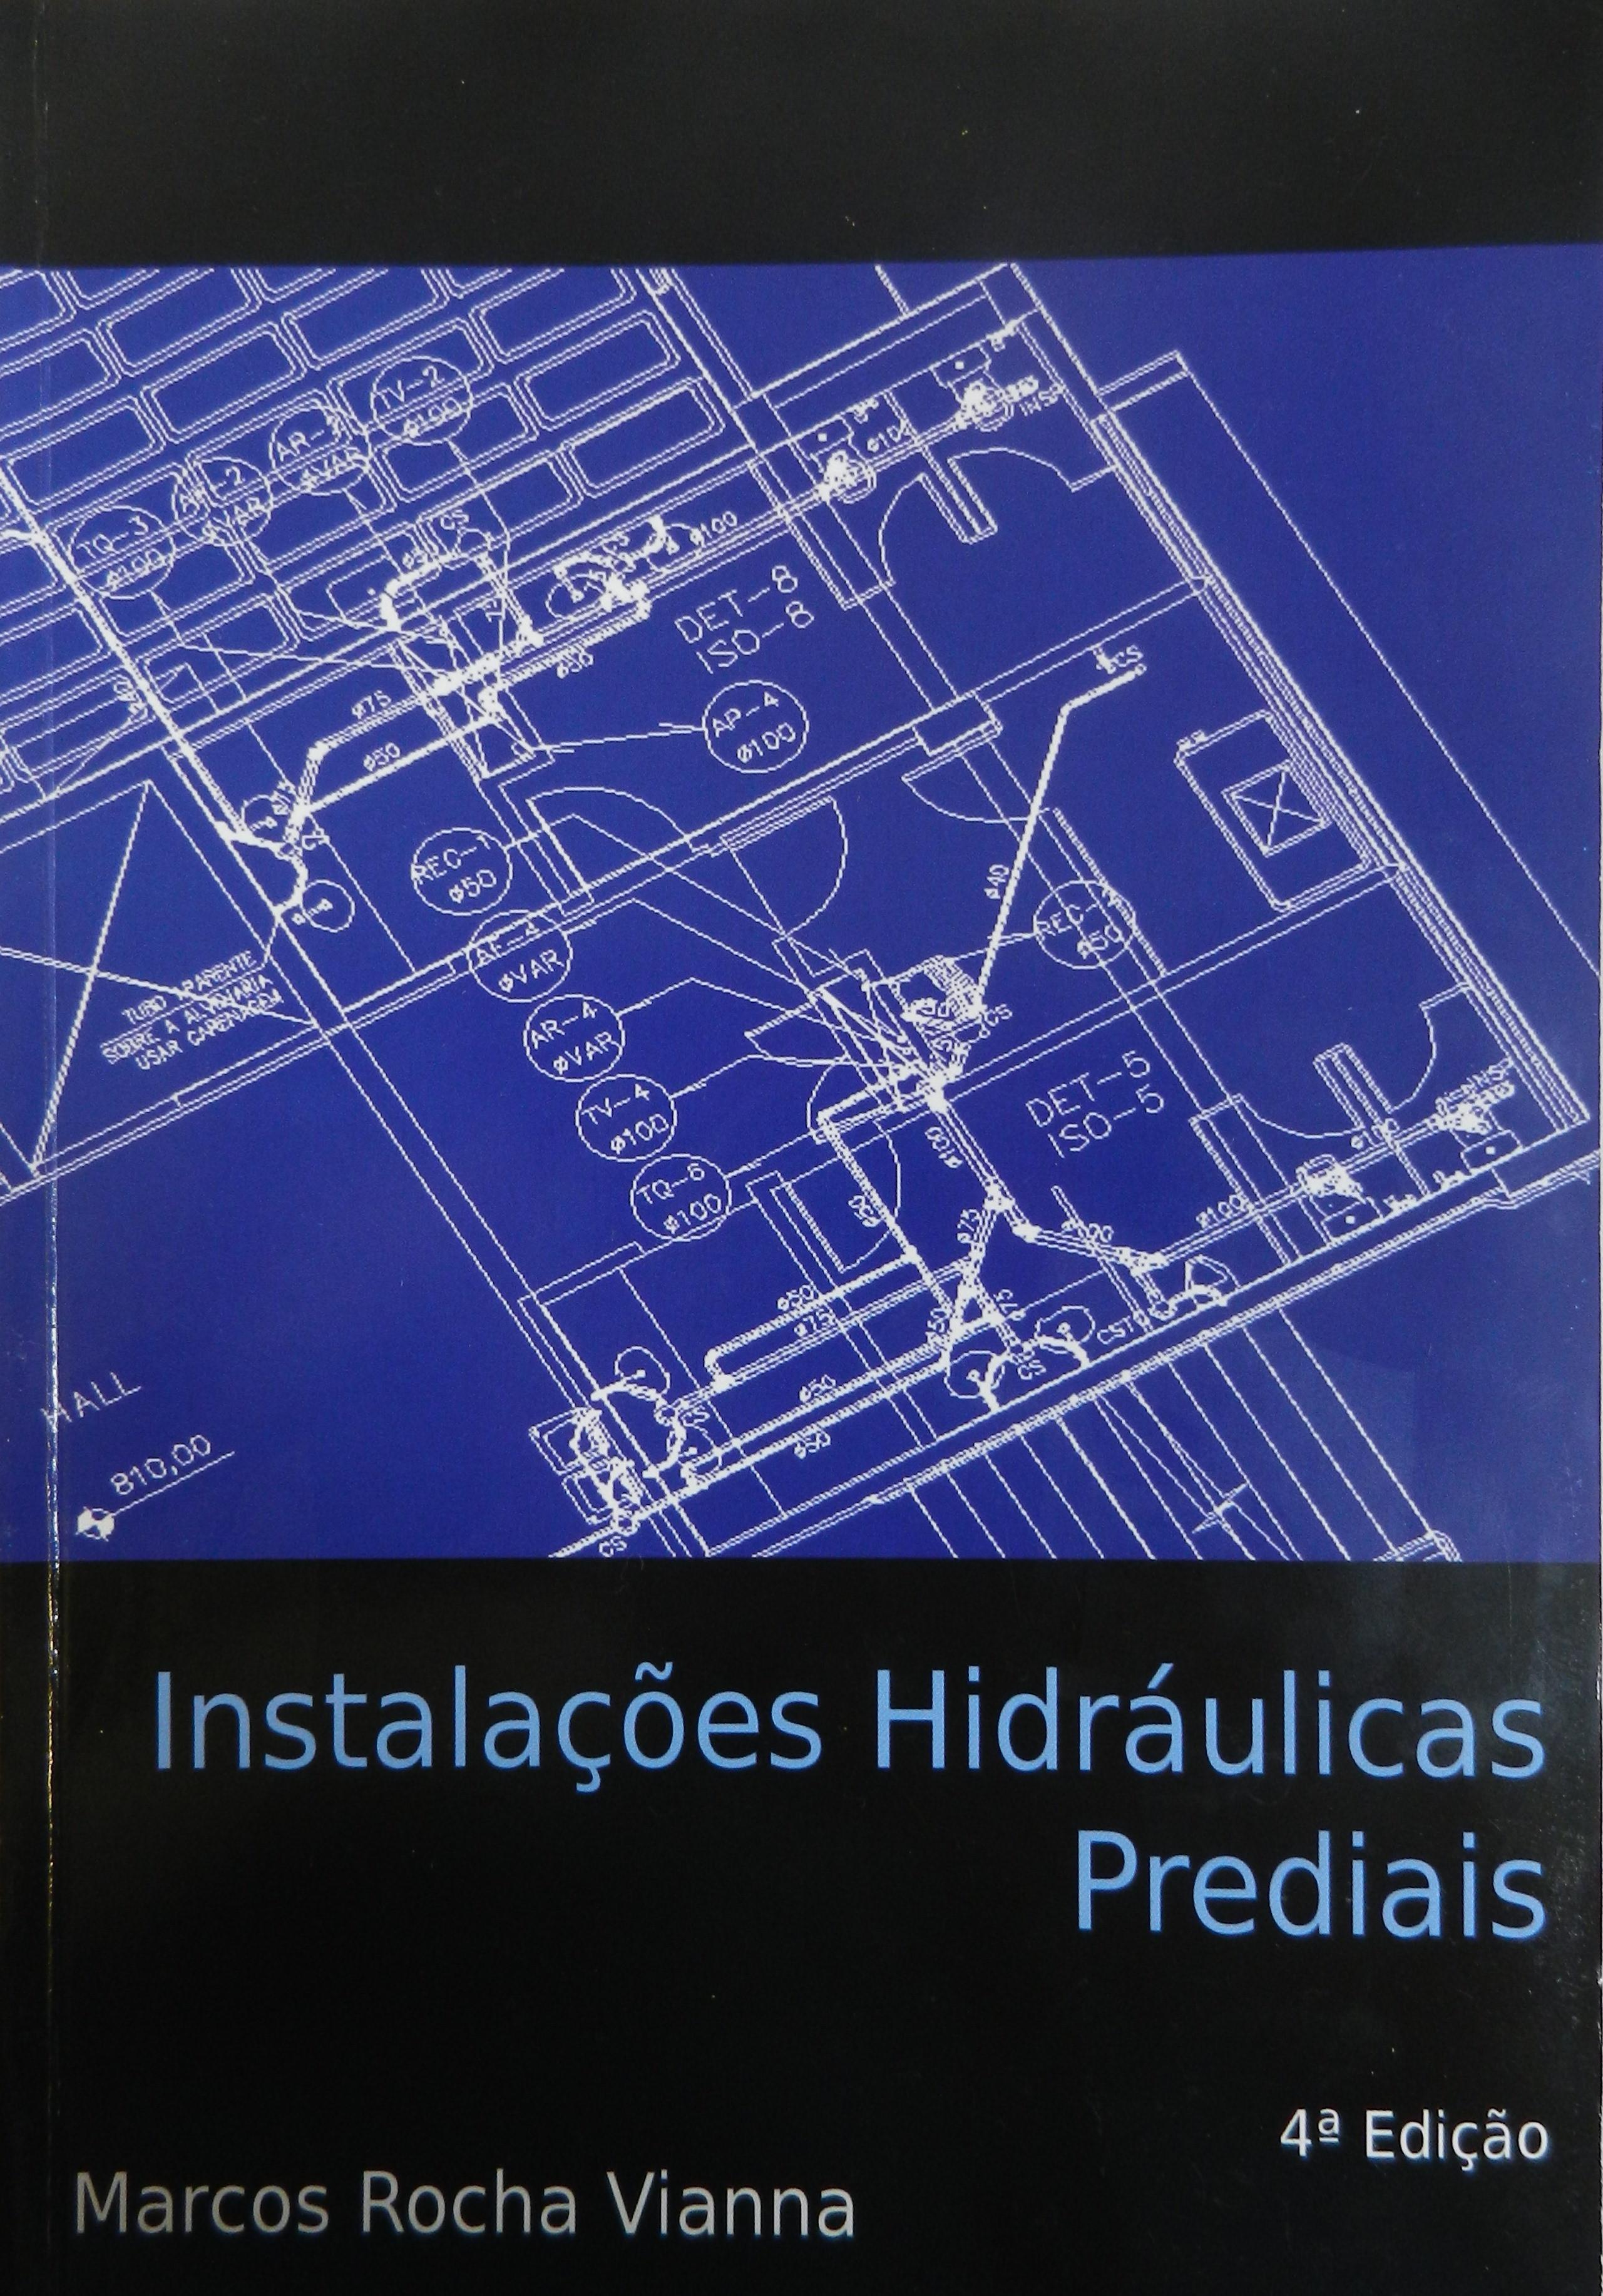 Instalações Hidráulicas Prediais - 4ª Edição